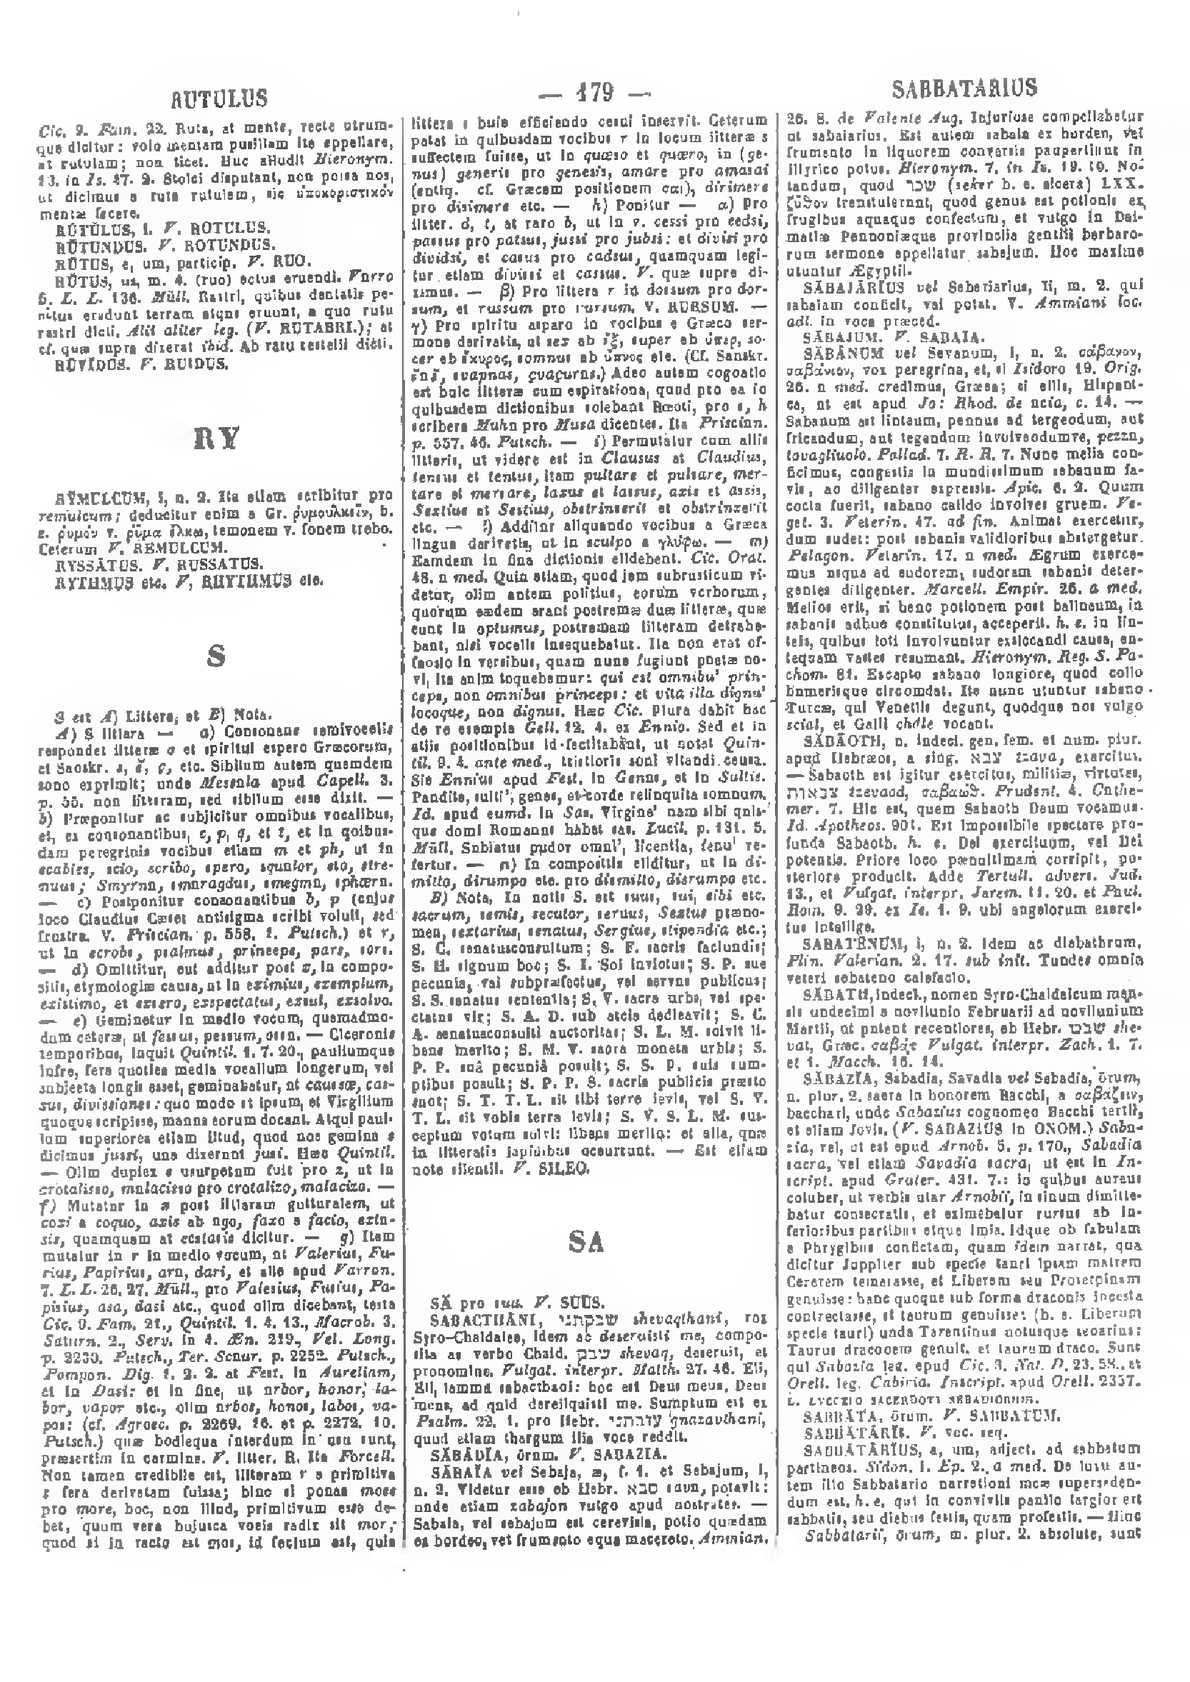 Calaméo Lexicon totius latinitatis Ry S Forcellini Aegidio Corradini Franciscus Perin Josephus 1940